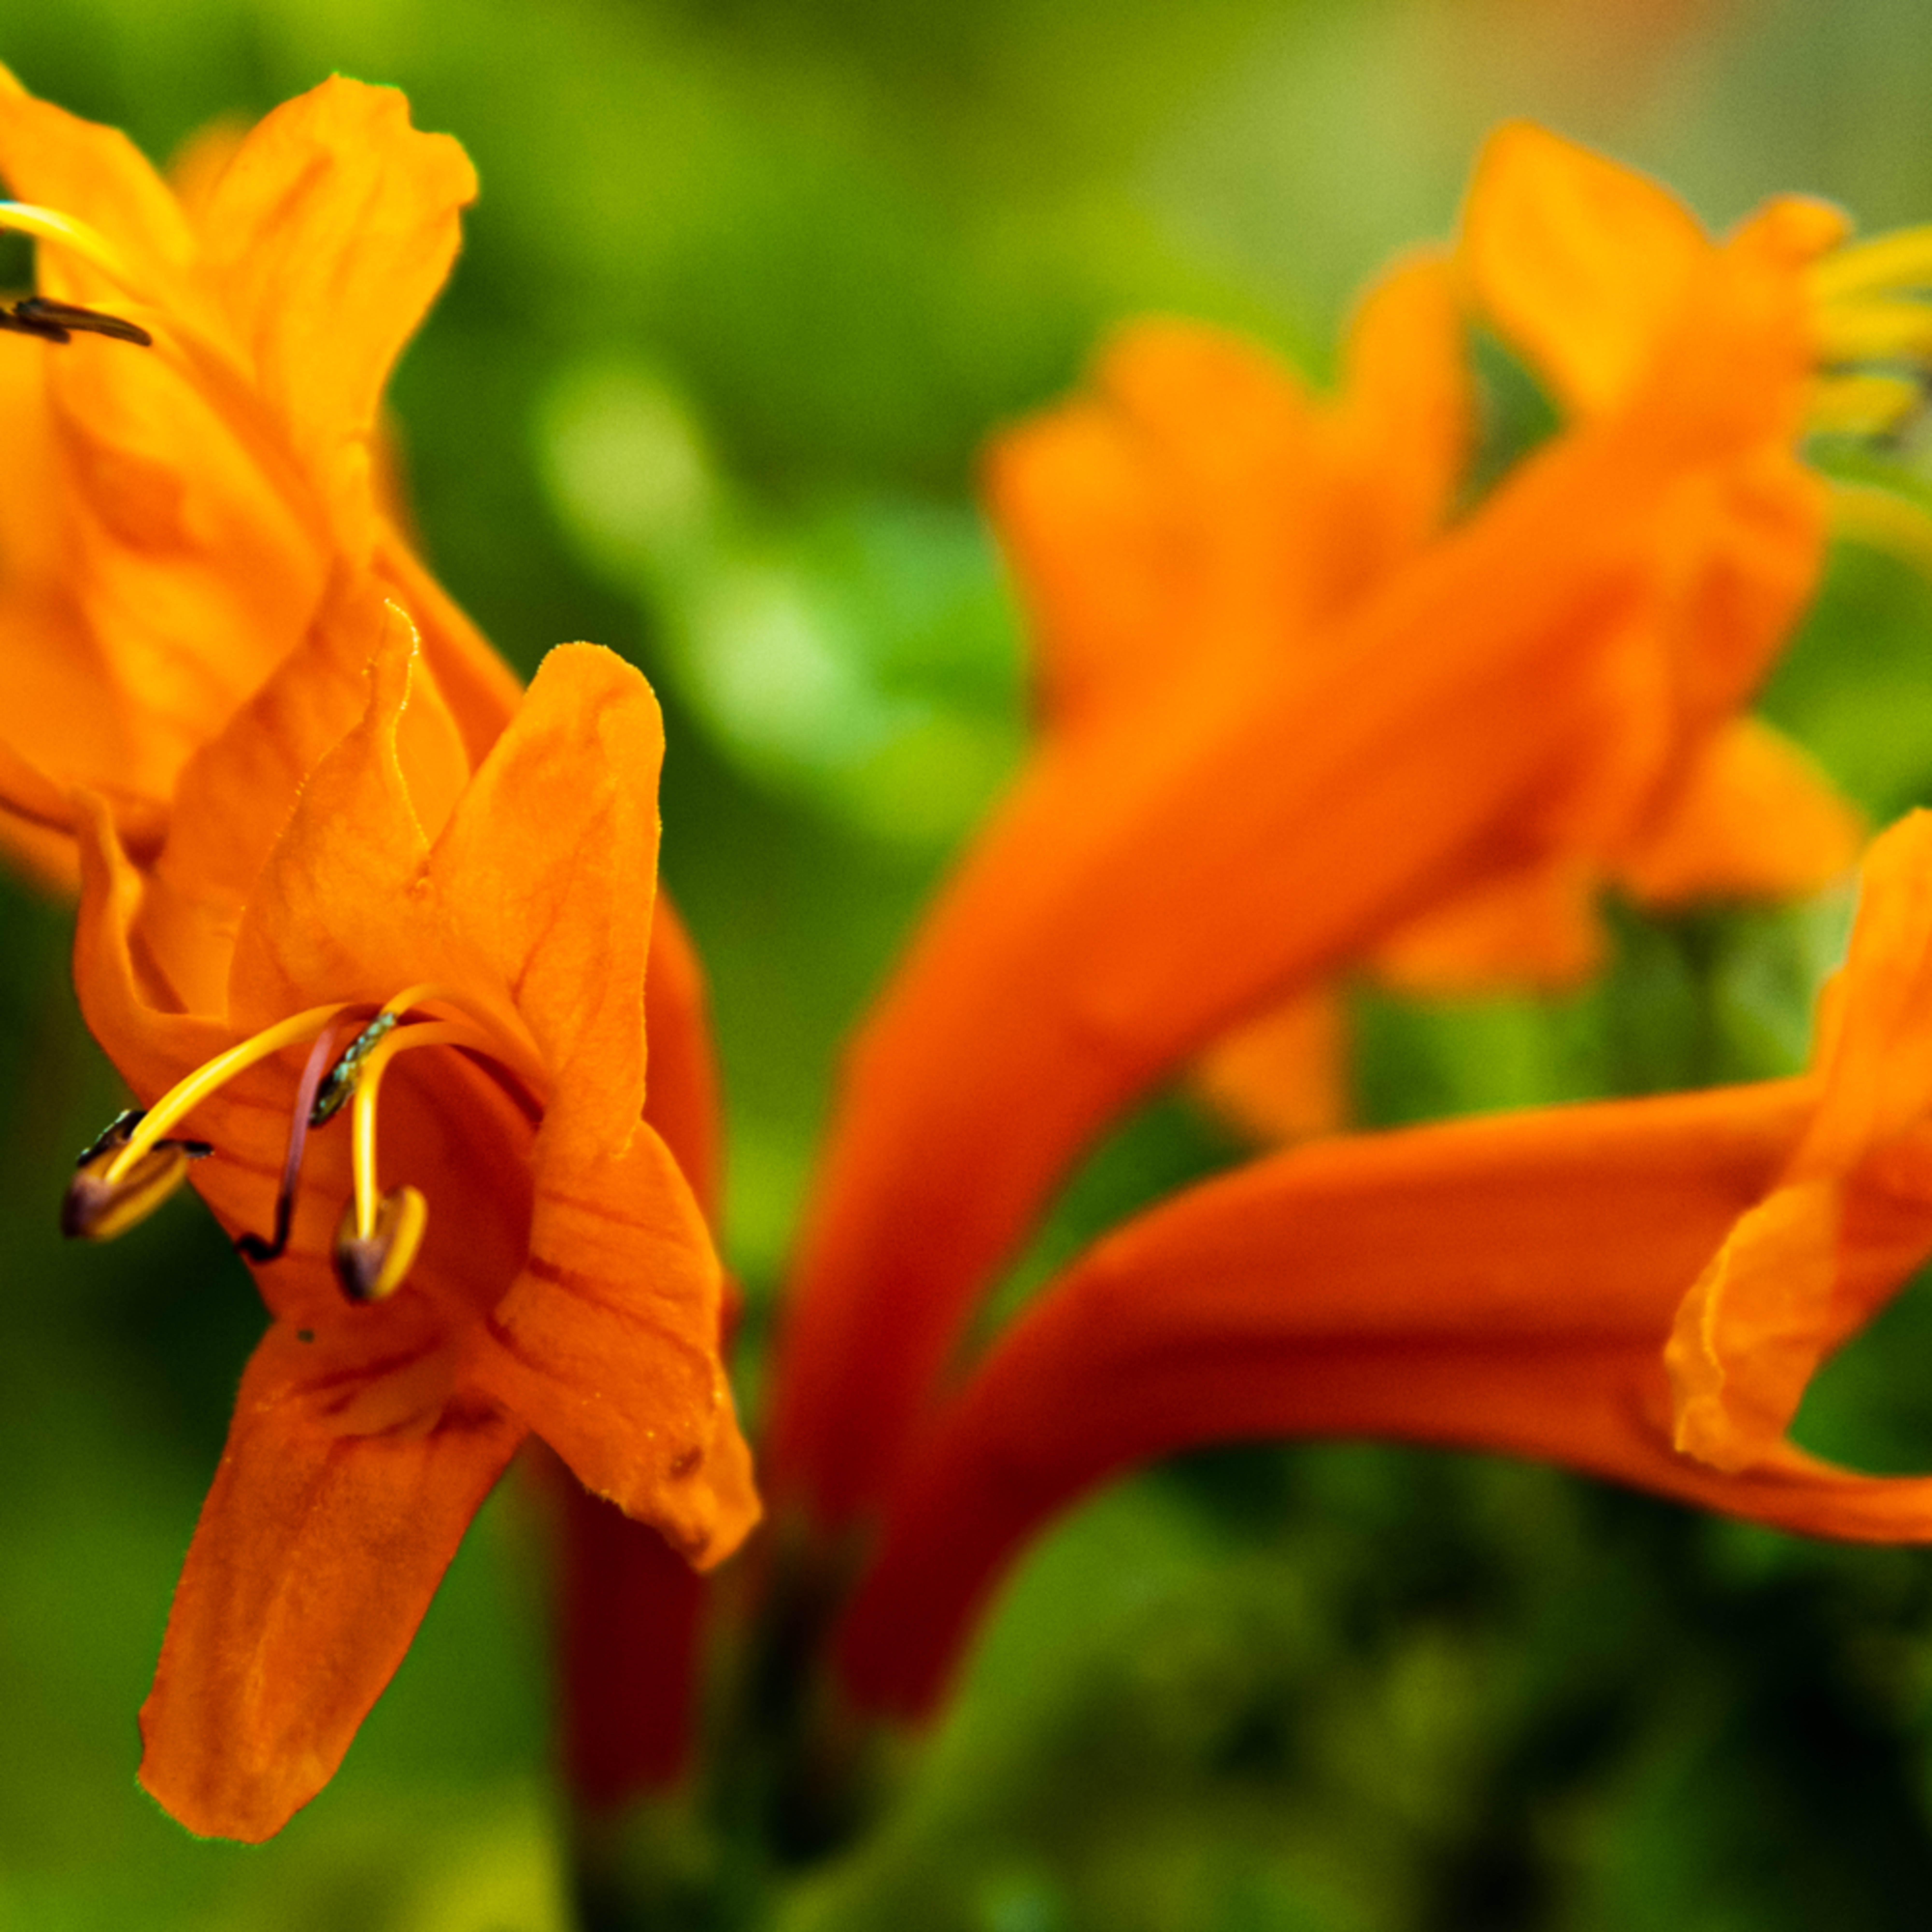 Honeysuckle flower 2 qf52lq